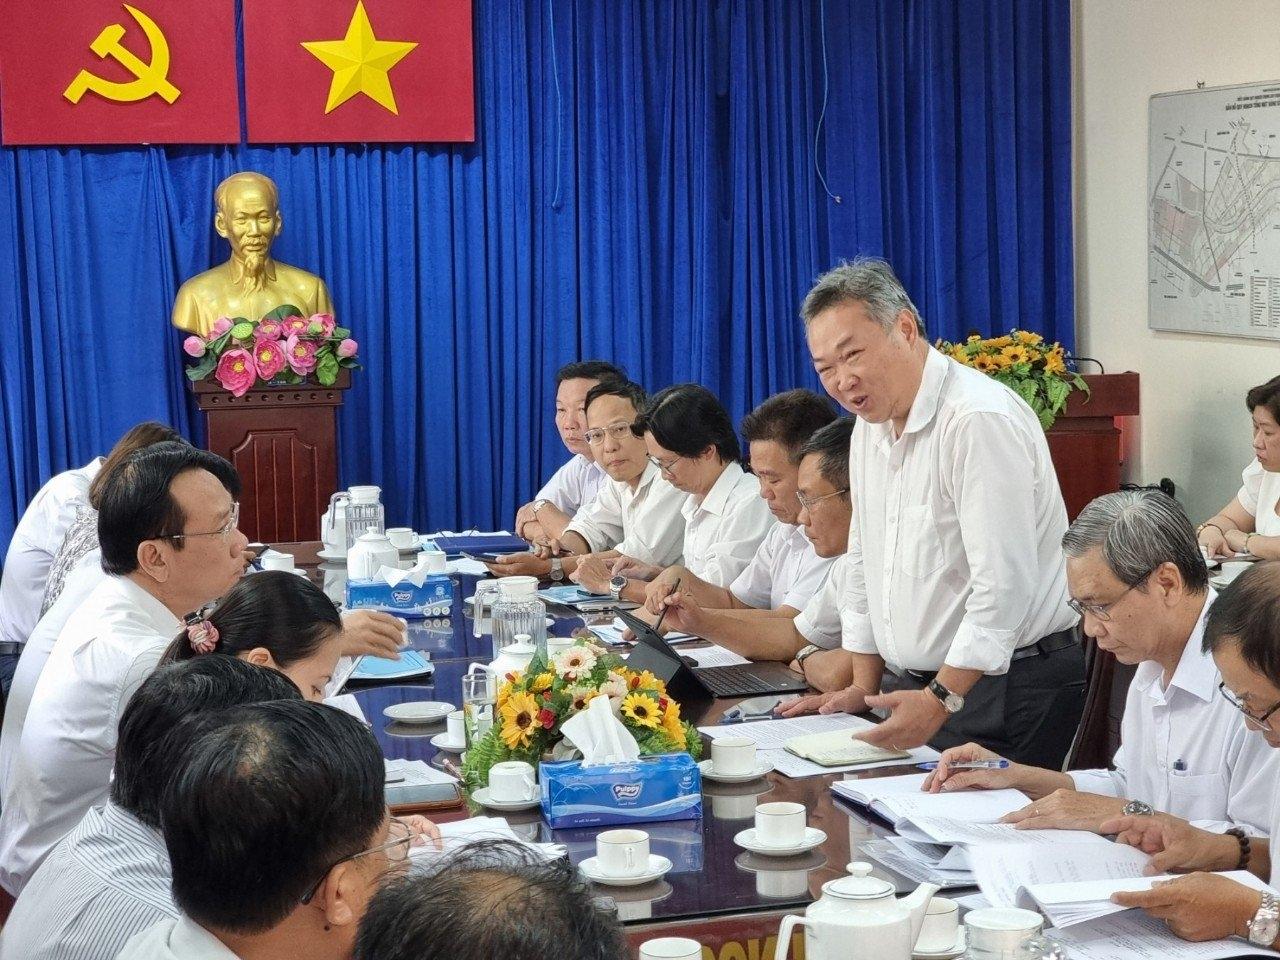 Tổng Công ty Điện lực Thành phố Hồ Chí Minh: Đẩy nhanh các công trình ngầm hoá tại quận 8